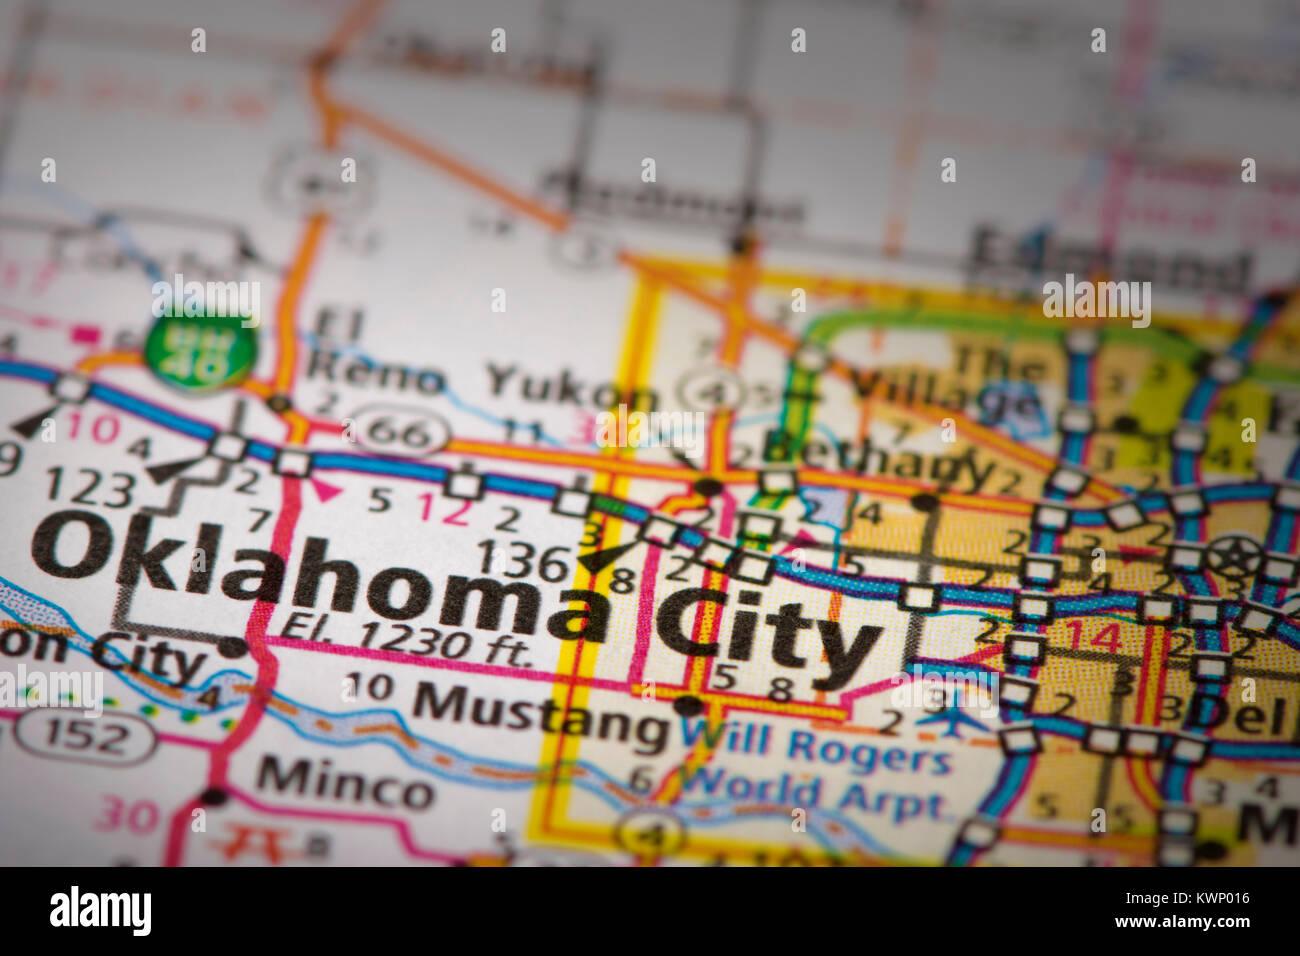 Oklahoma City Map Stock Photos Oklahoma City Map Stock Images Alamy